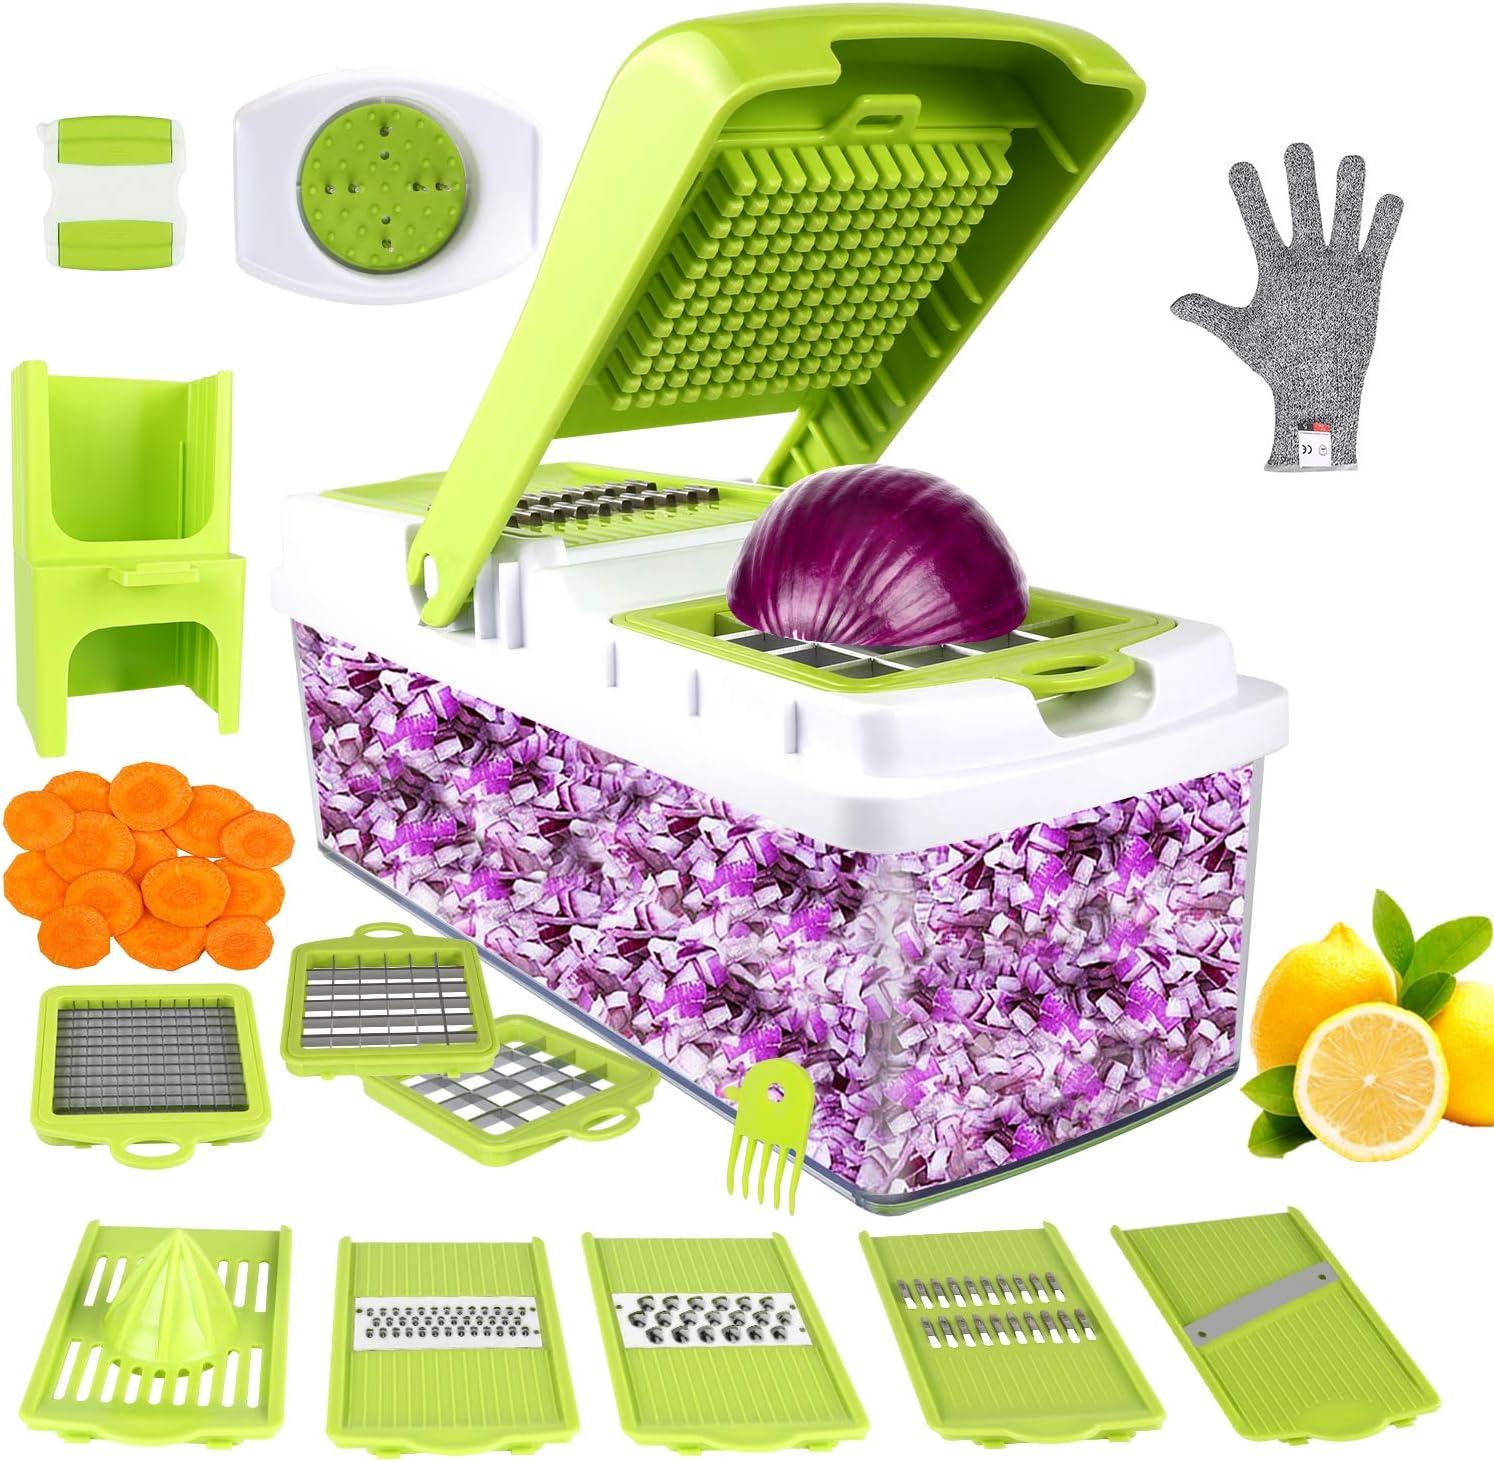 Handheld Vegetable Spiral Slicer Cutter Chopper Spiralizer Shred Fruit 2018 UK M